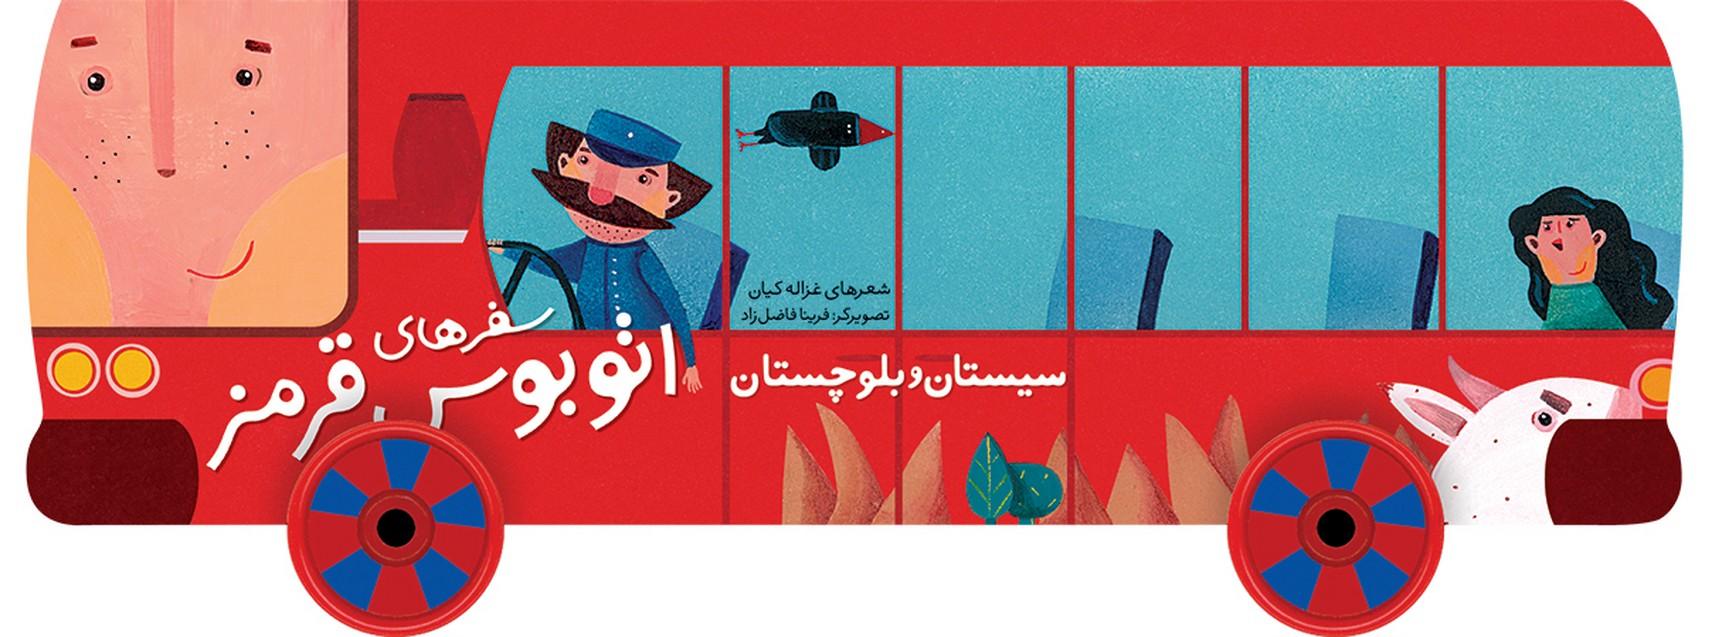 سفرهاي اتوبوس قرمز: سيستان و بلوچستان